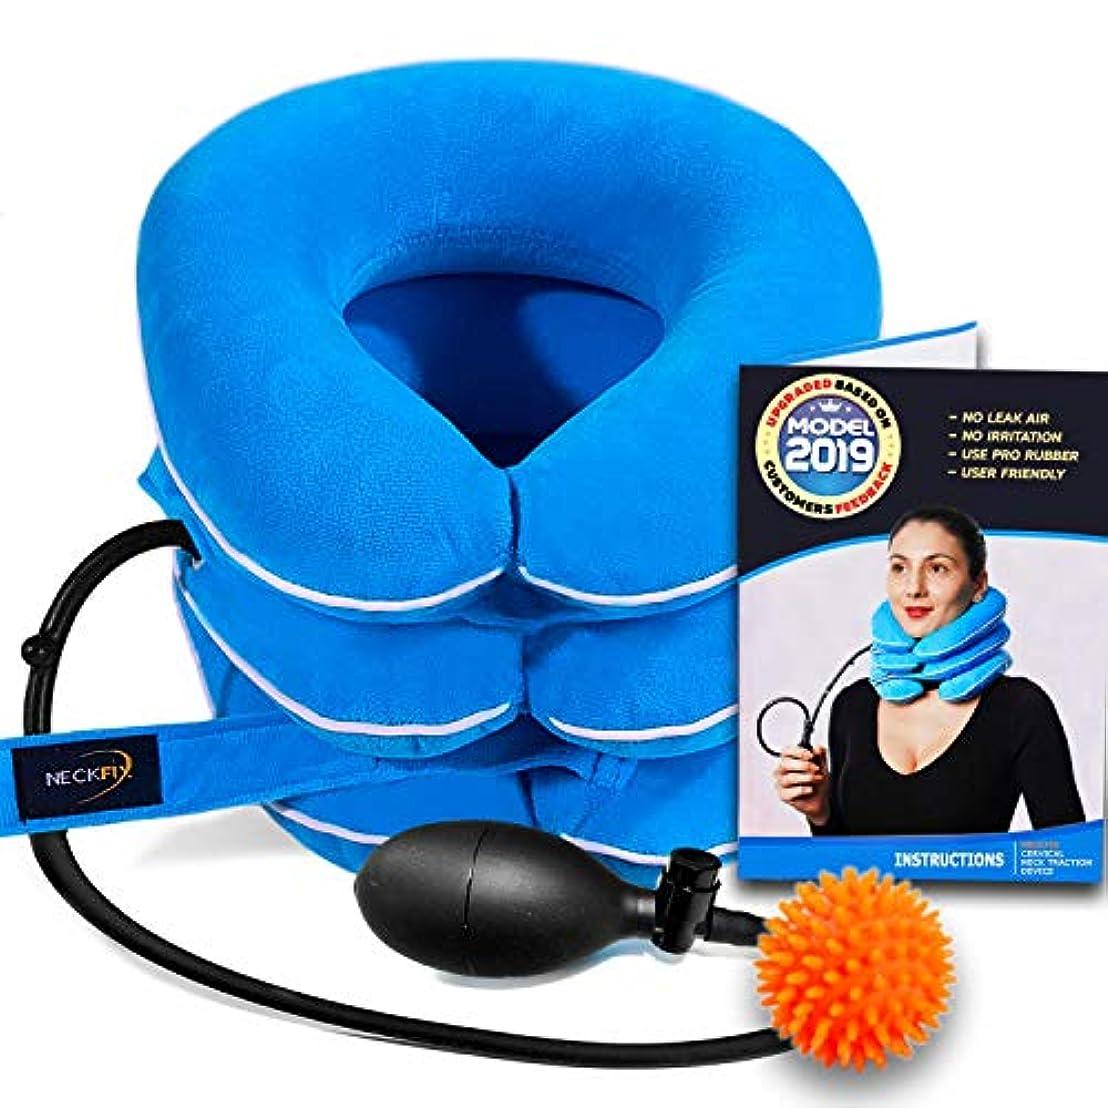 セラー脅迫姿勢Cervical Neck Traction Device by NeckFix for Instant Neck Pain Relief [FDA Approved] - Adjustable Neck Stretcher Collar for Home Traction Spine Alignment [Model 2019] + Bonus (12-17 inch) 141[並行輸入]